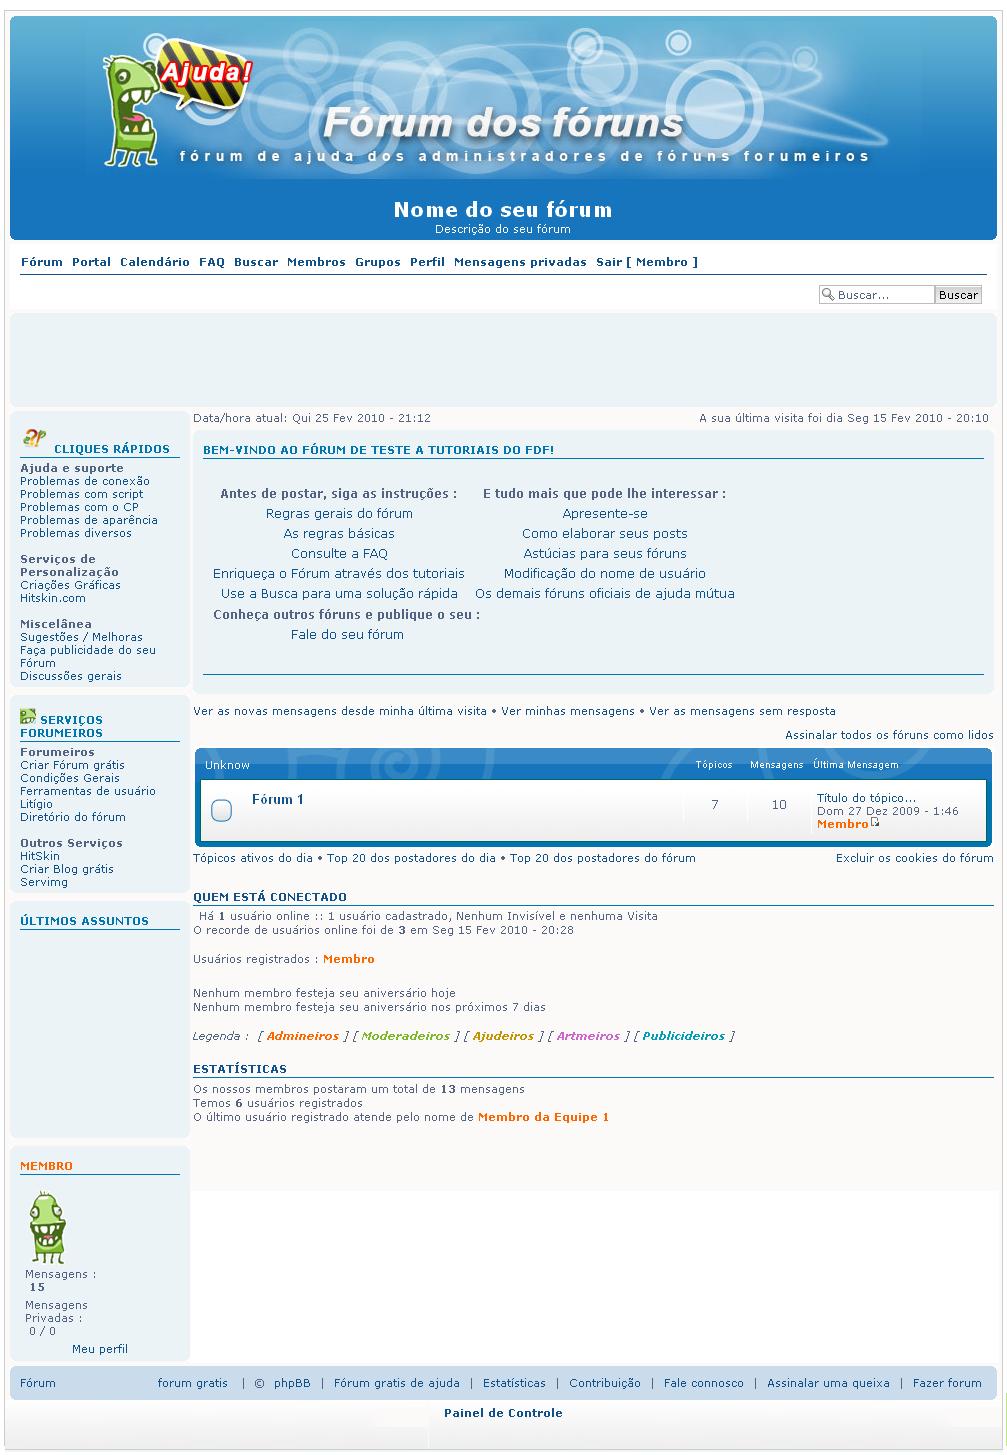 [TUTORIAL] Personalizar área intermediária do fórum Asdxx